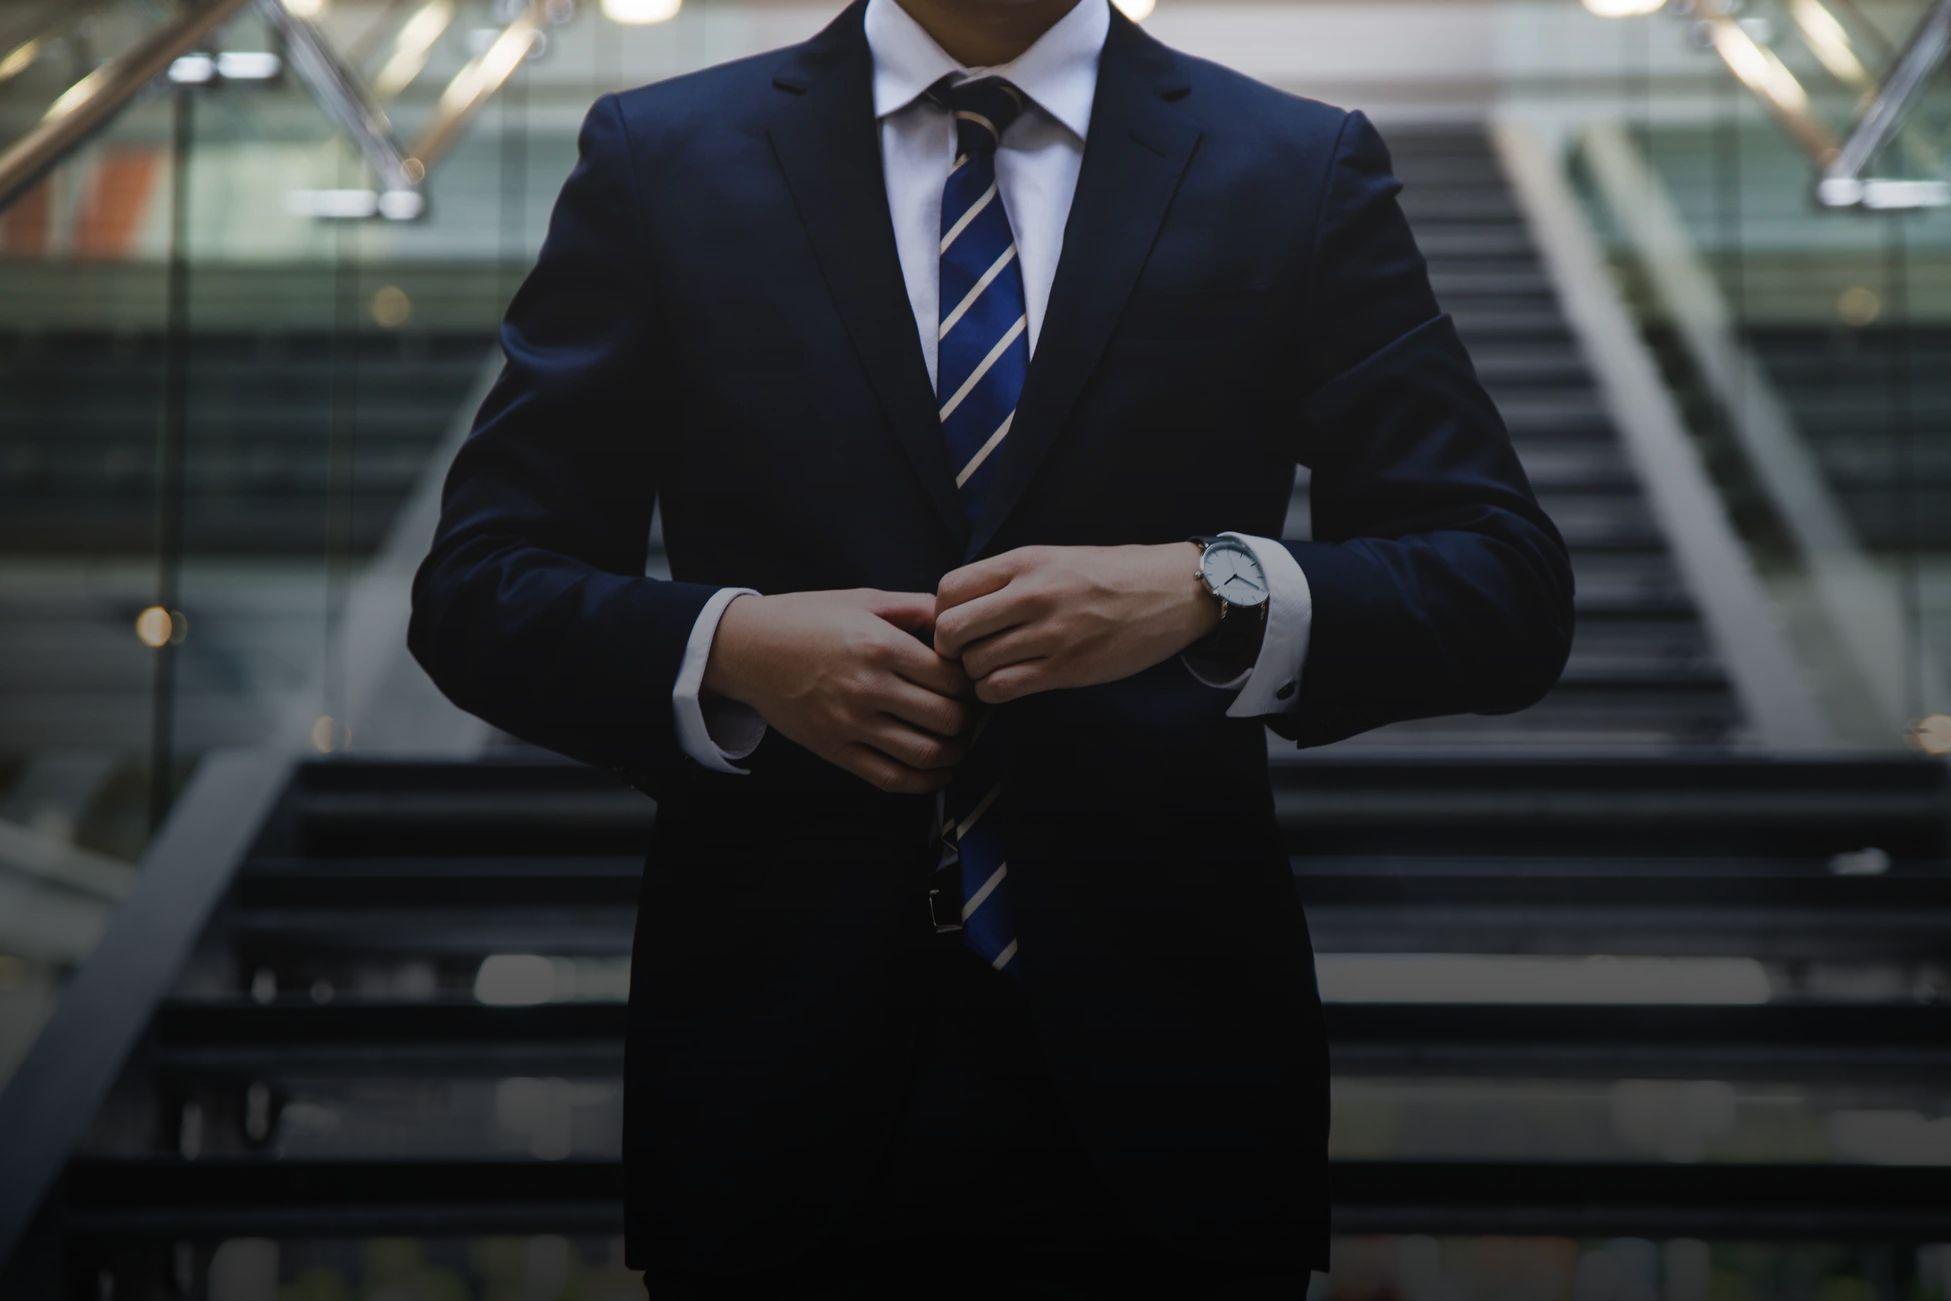 Фото с мужчиной в костюме который застегивает пуговицу